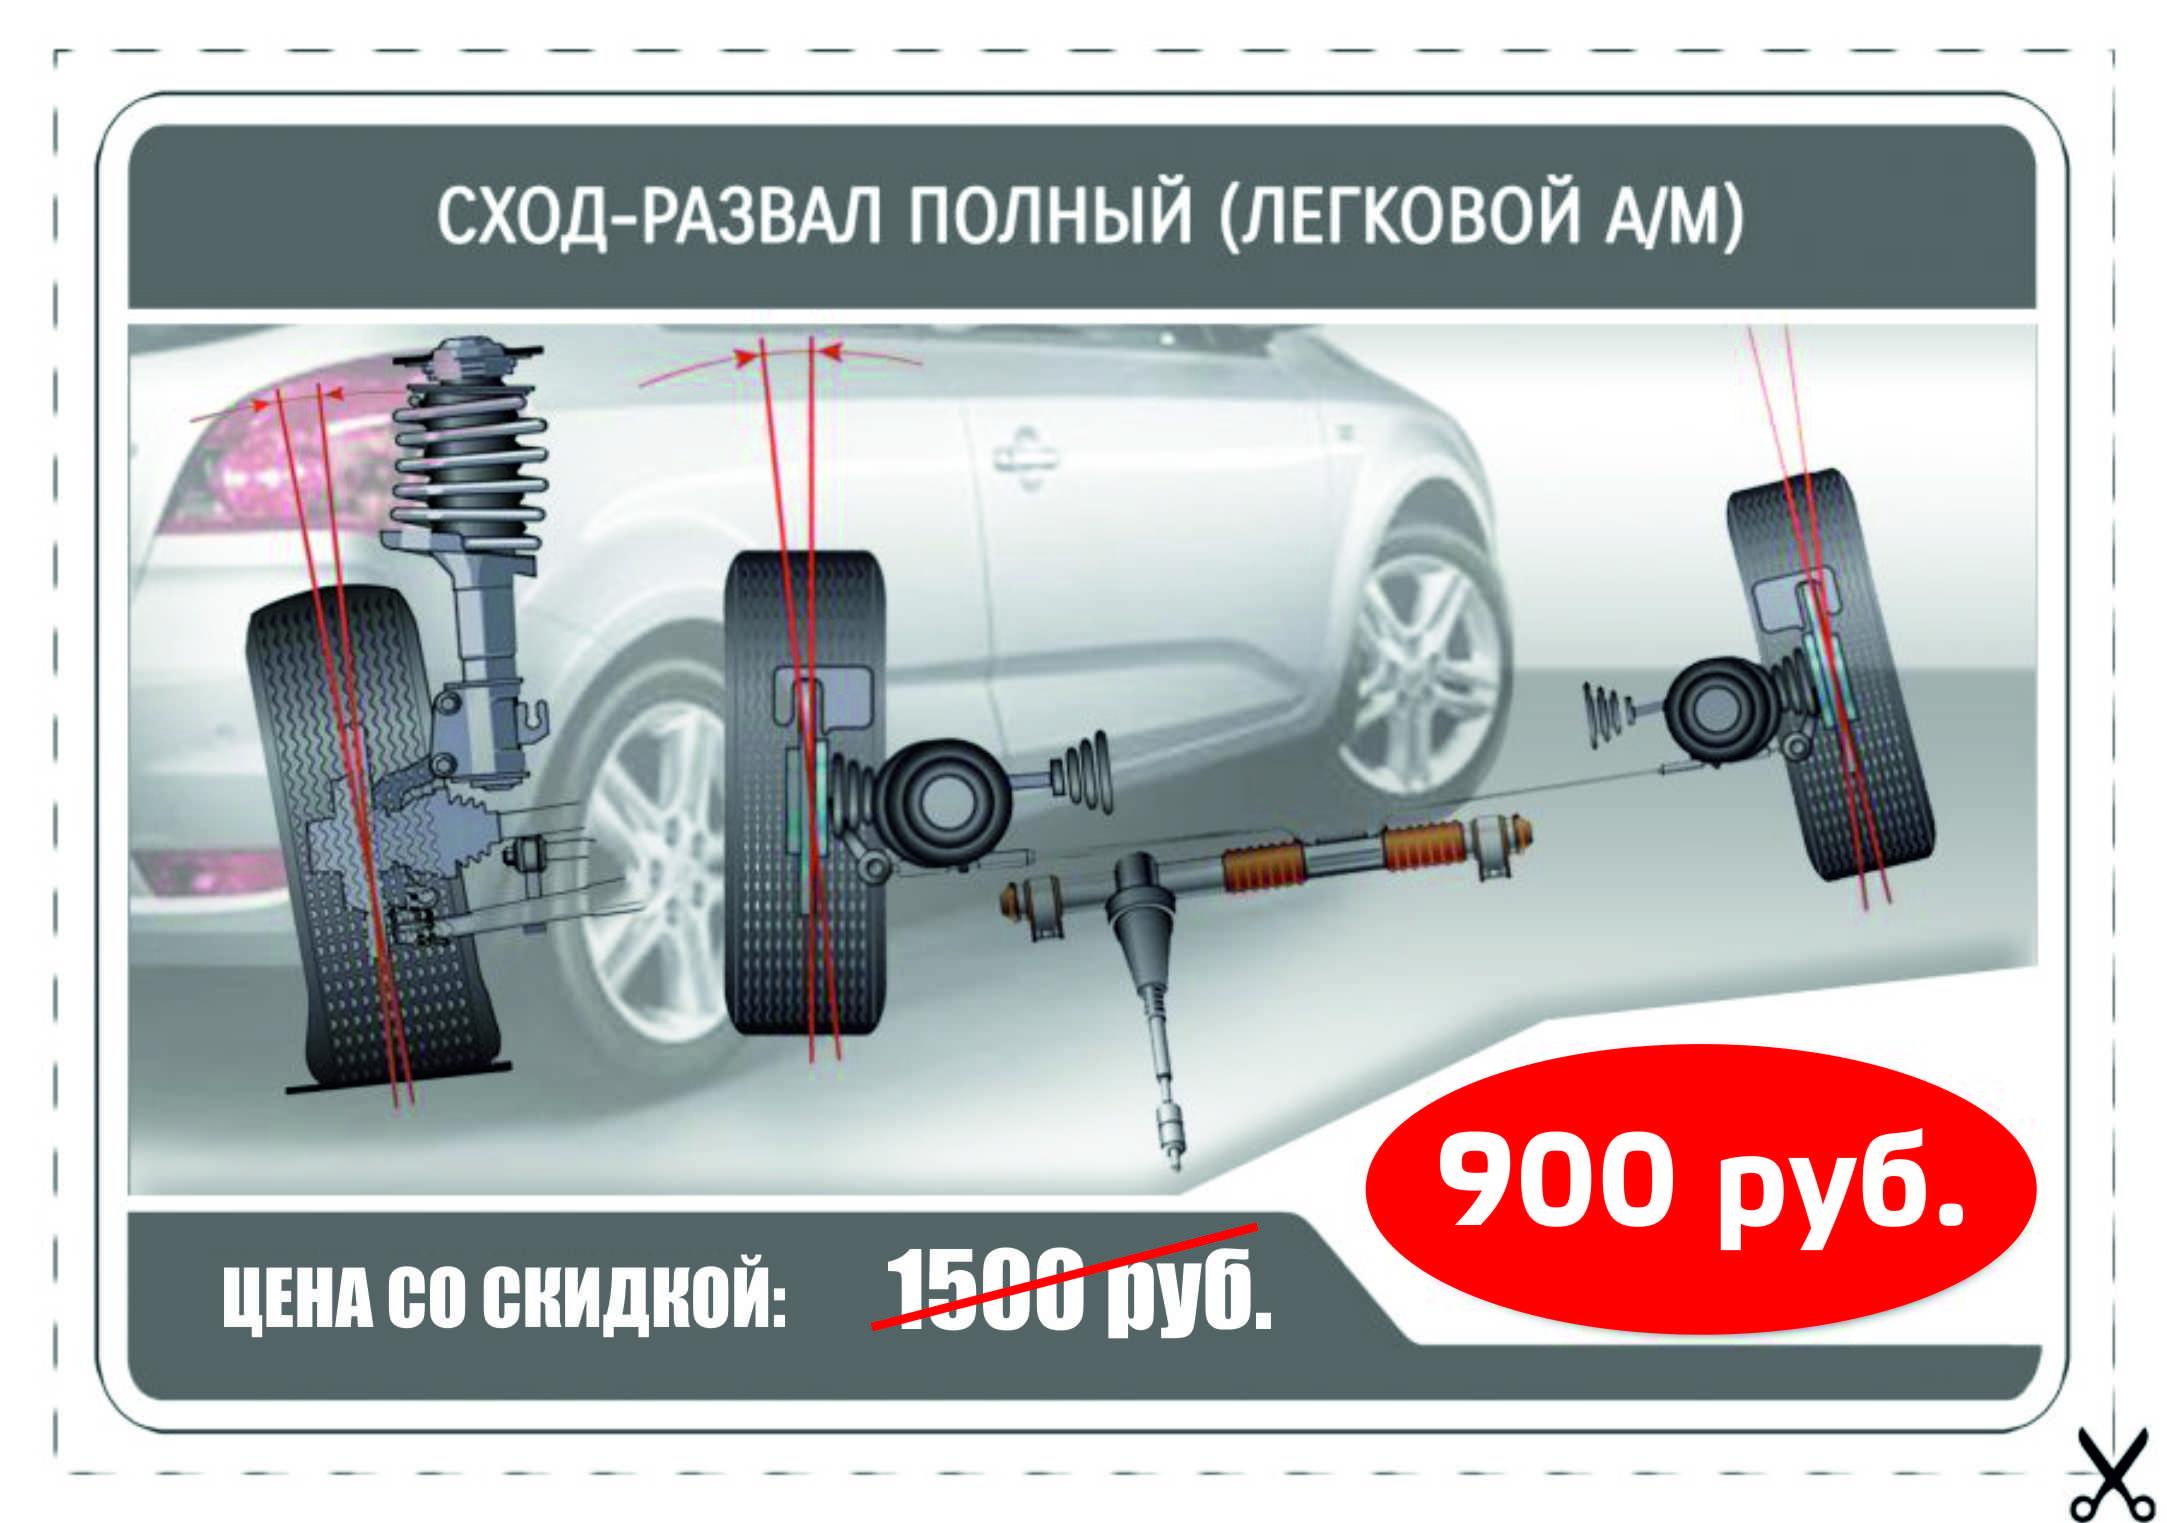 Сход РАЗВАЛ задних колес Subaru, правильное занижение #2 25